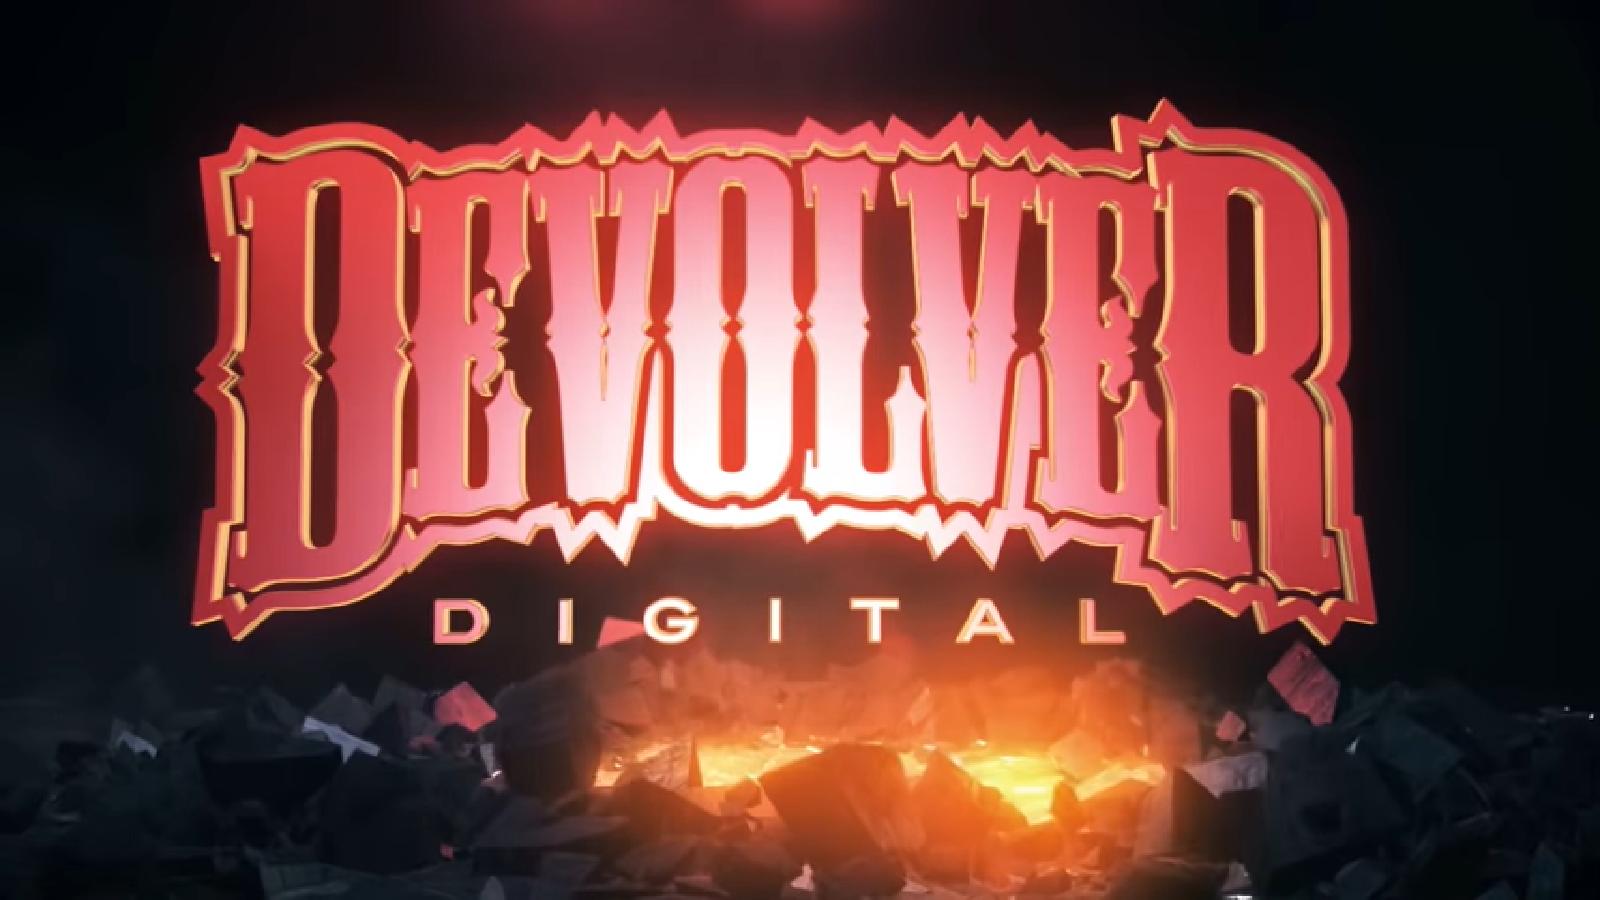 Por meio do Twitter, a Devolver Digital perguntou à comunidade de fãs quais dos seus 5 jogos não anunciados eles mais esperam.